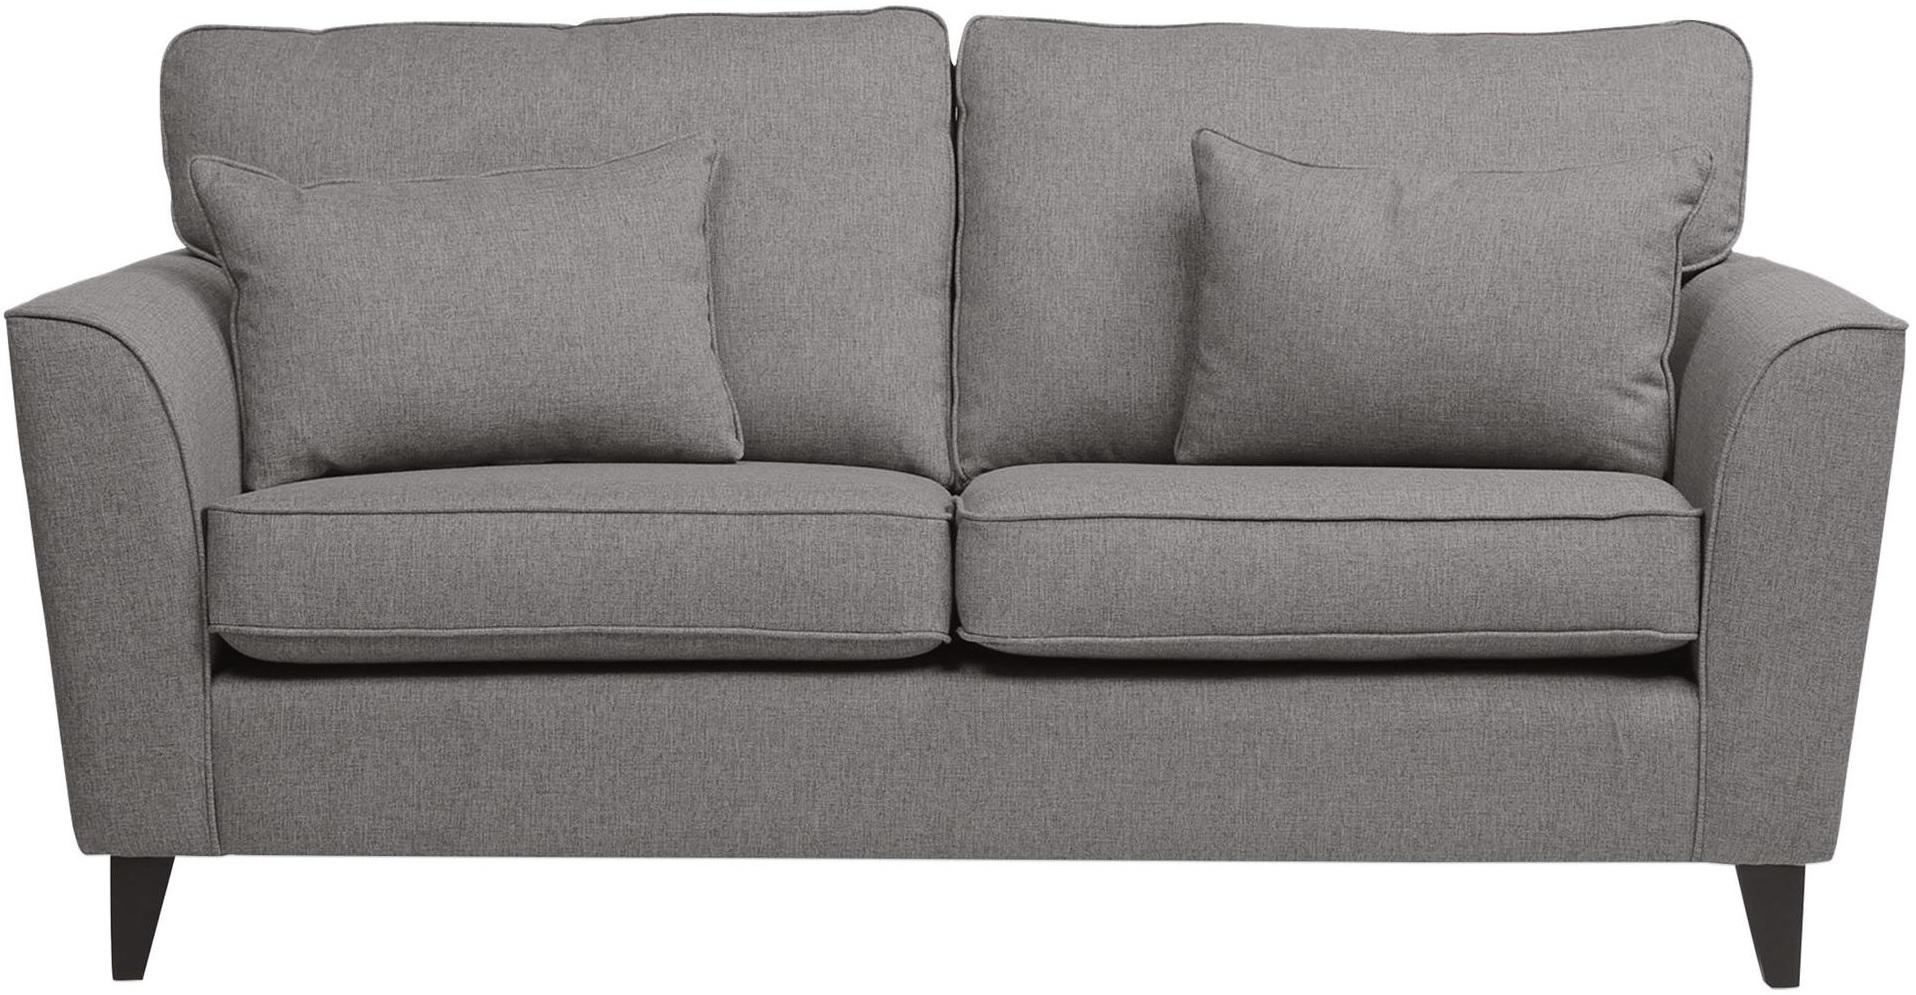 Large Sofa Cushions 28 Images Cushion